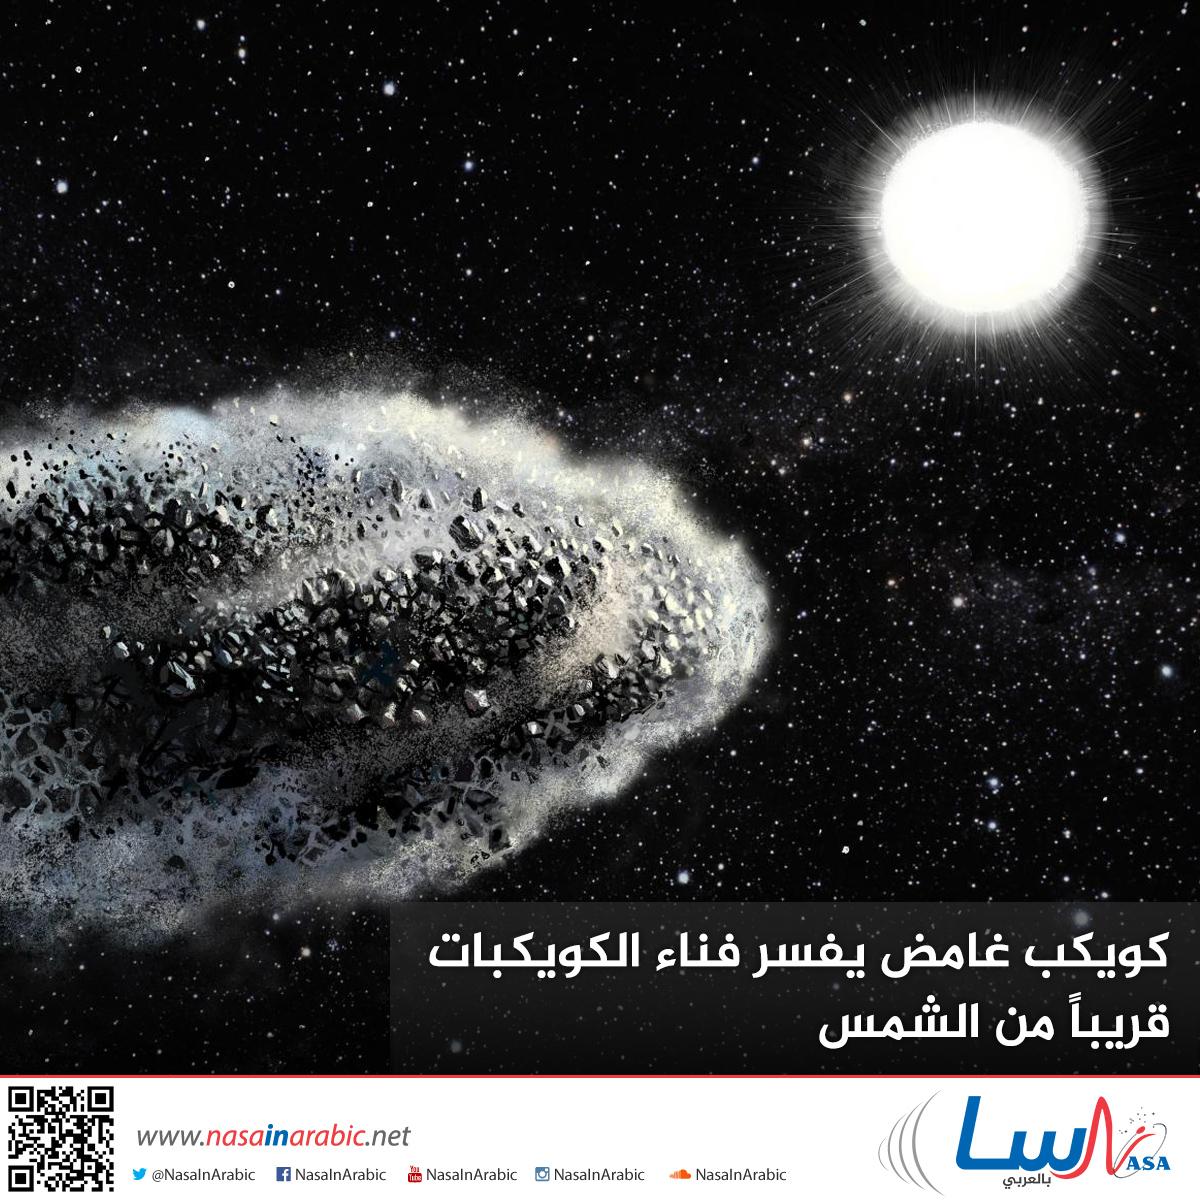 كويكب غامض يفسر فناء الكويكبات قريباً من الشمس